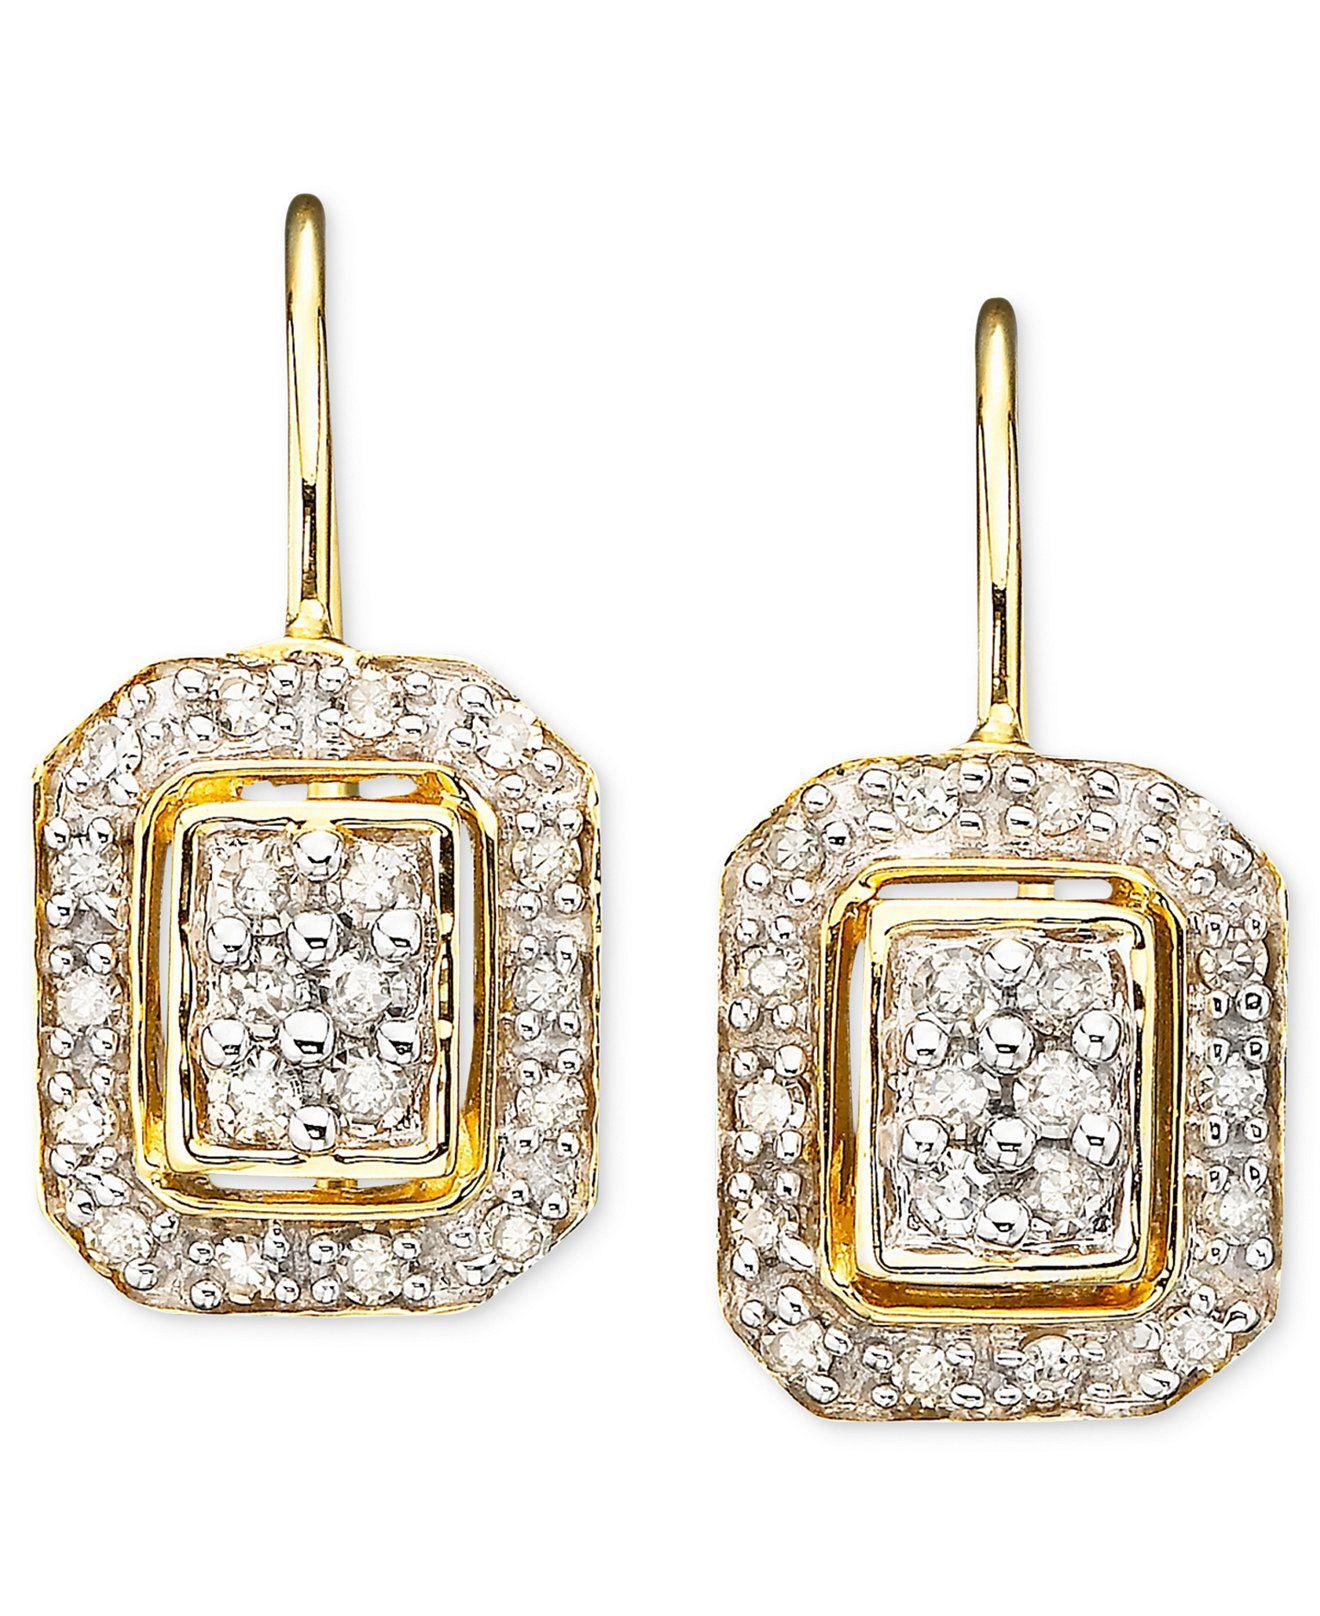 c08662de5 Square Diamond Earrings in 14k Gold (1/4 ct. t.w.) - Earrings - Jewelry &  Watches - Macy's